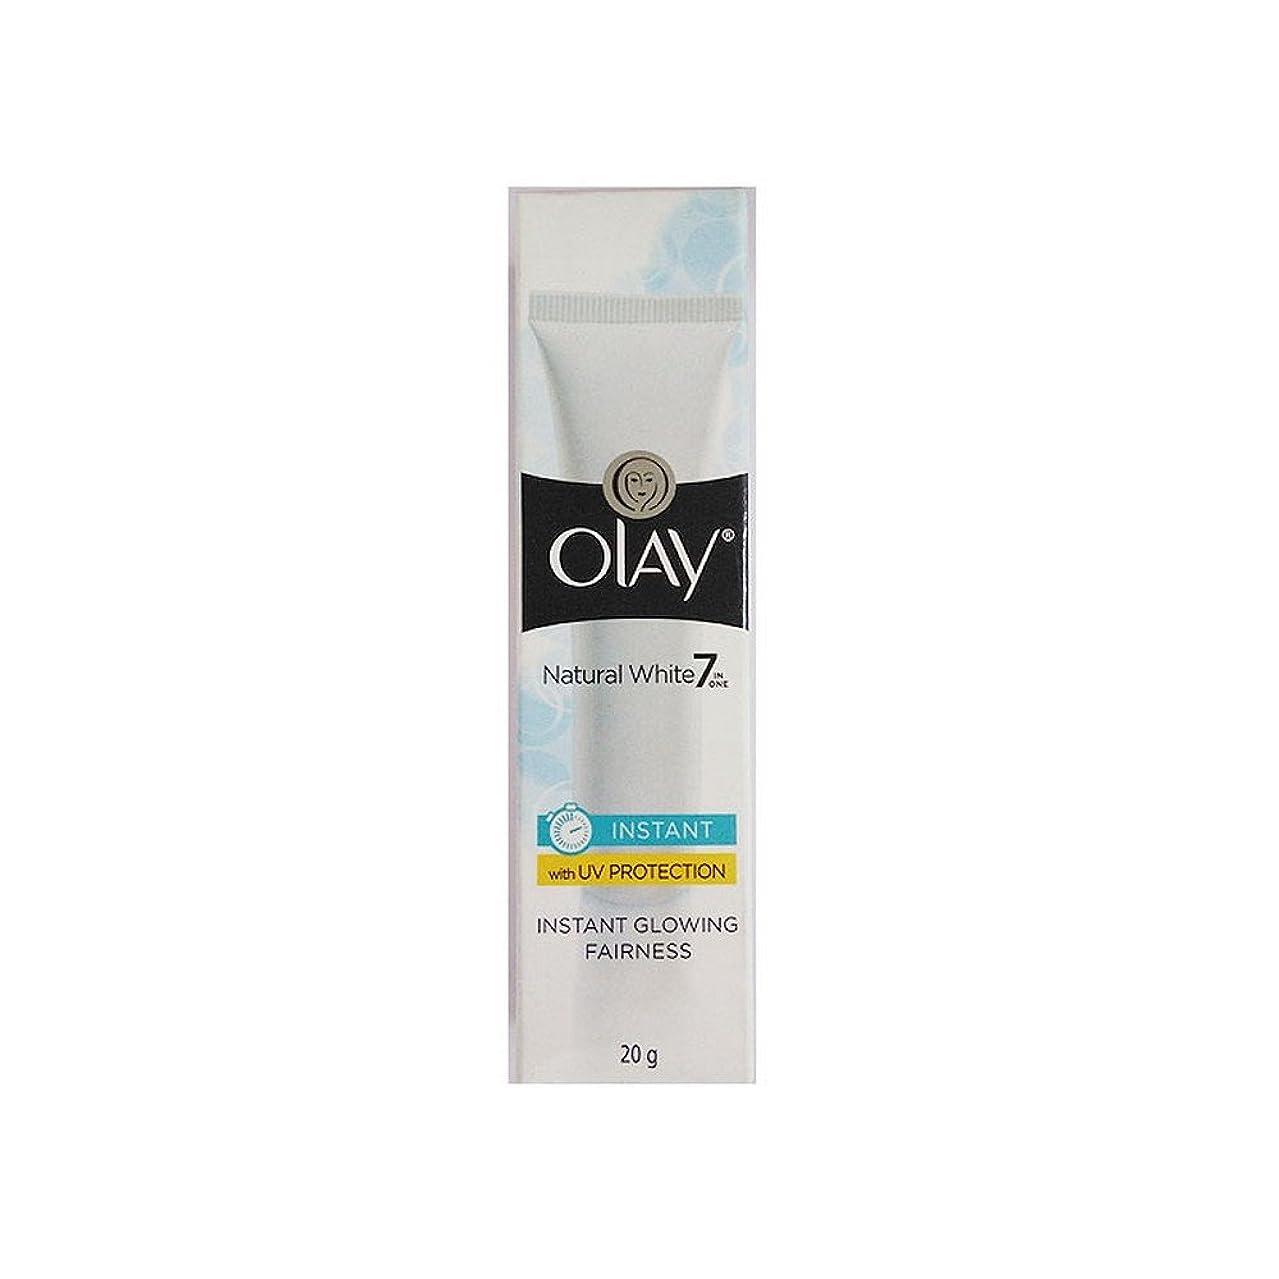 と遊ぶ体現する備品Olay Natural White Light Instant Glowing Fairness Cream, 20g